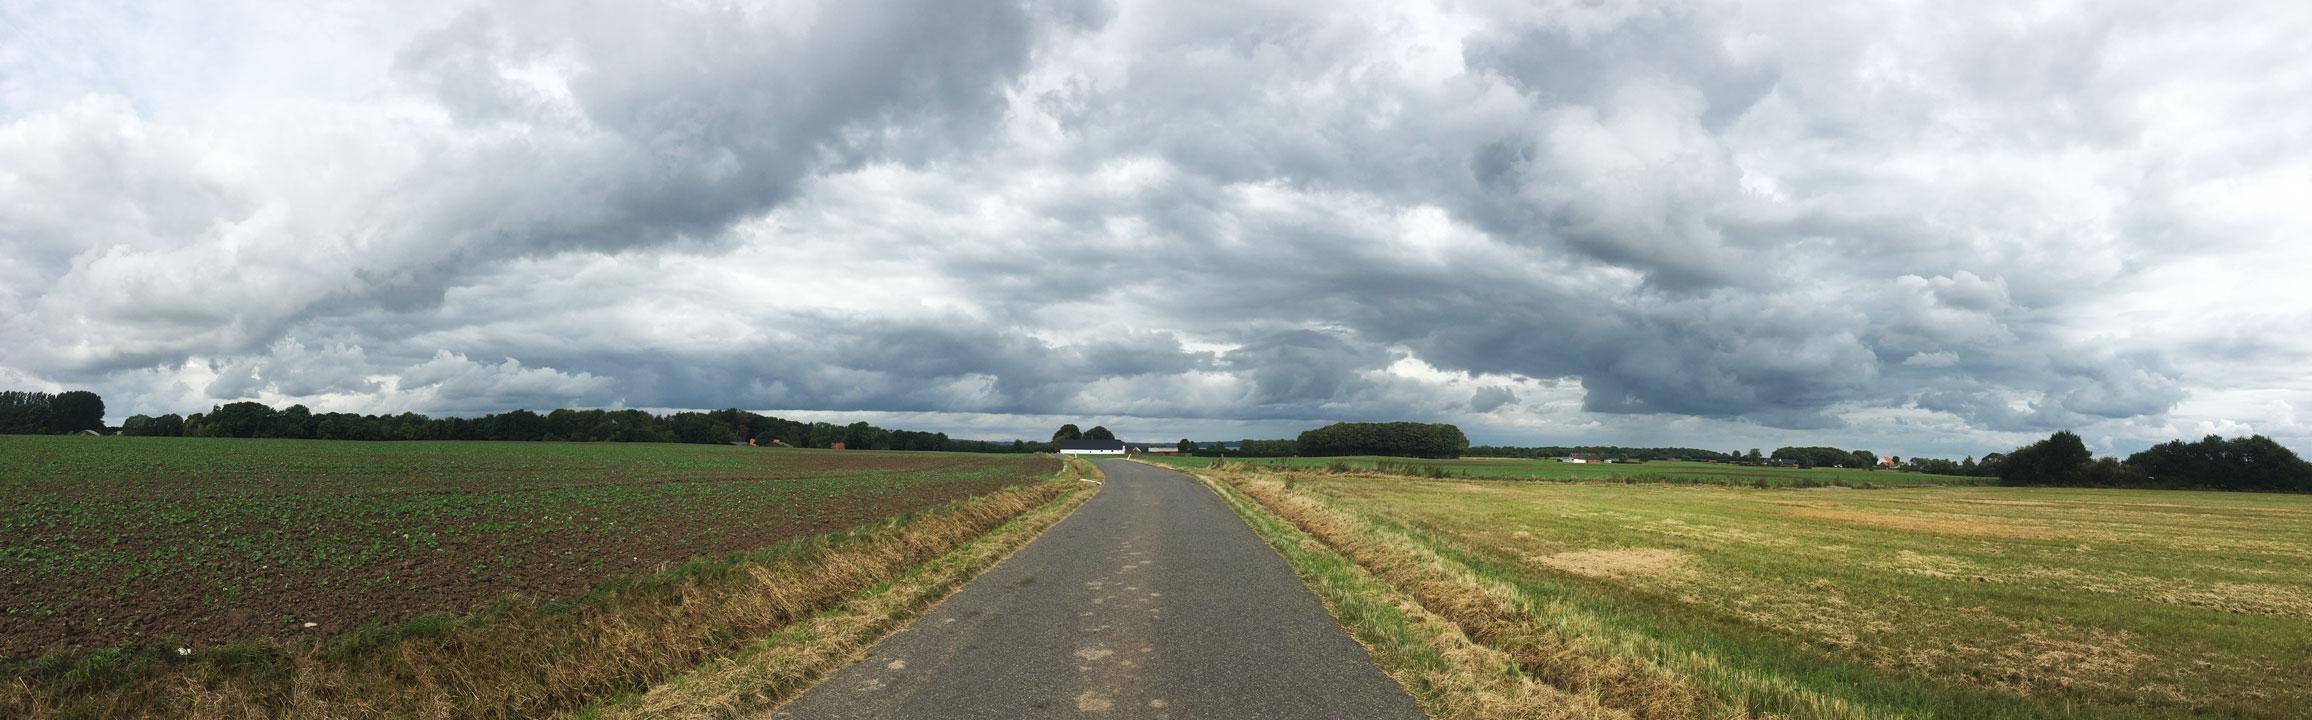 aurelia-brivet-160903-danemark-country-ld